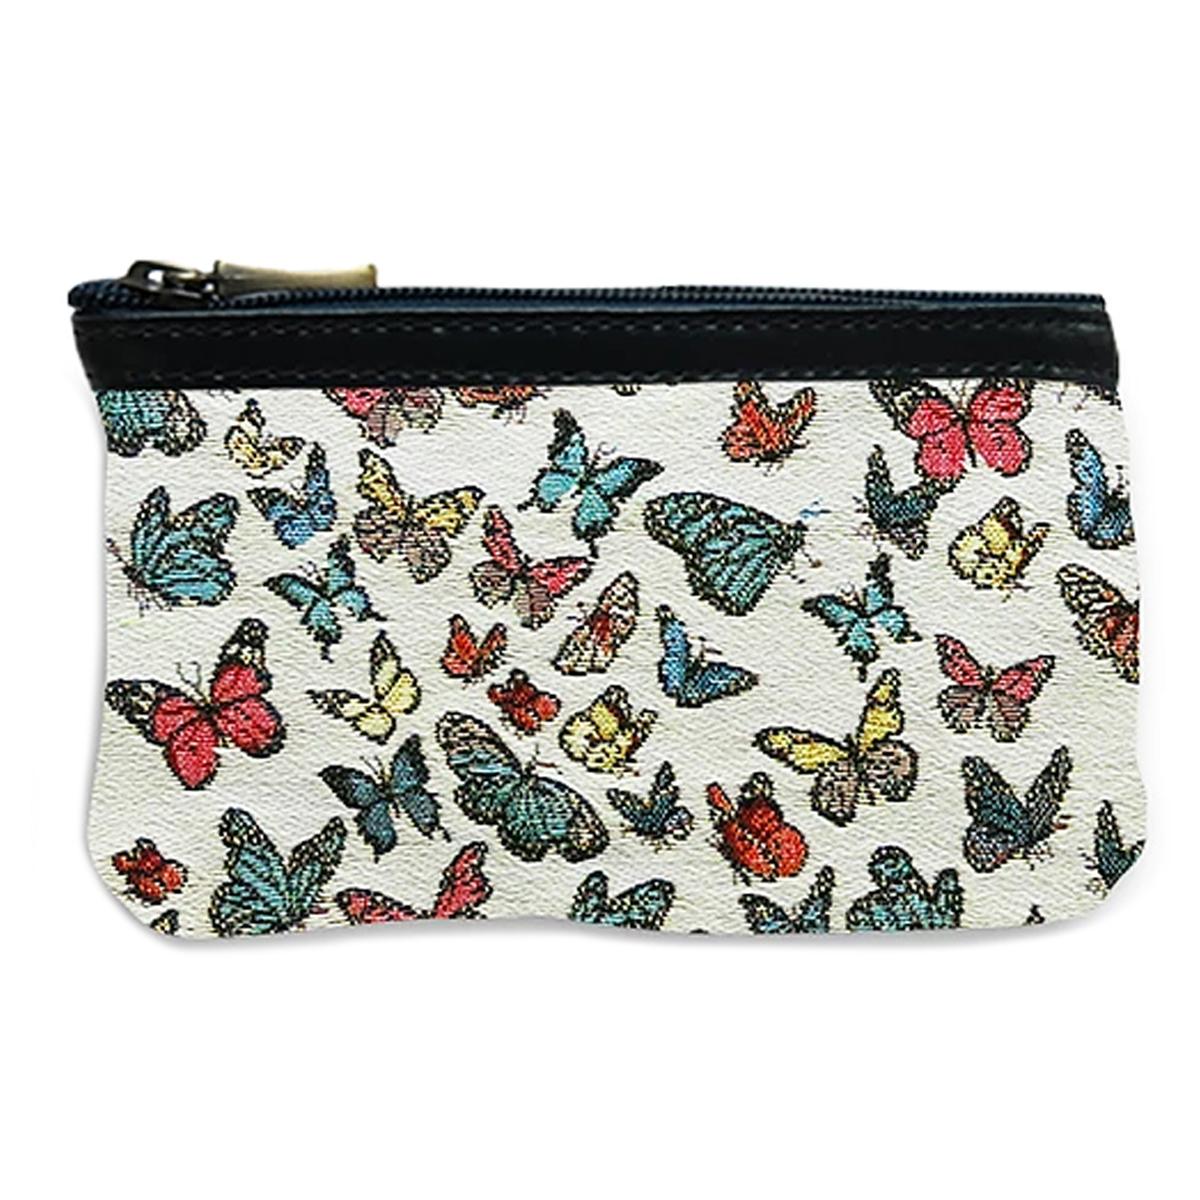 Pochette trousse artisanale \'Royal Tapisserie\' blanc multicolore (papillons) - 14x10x2 cm - [Q6369]